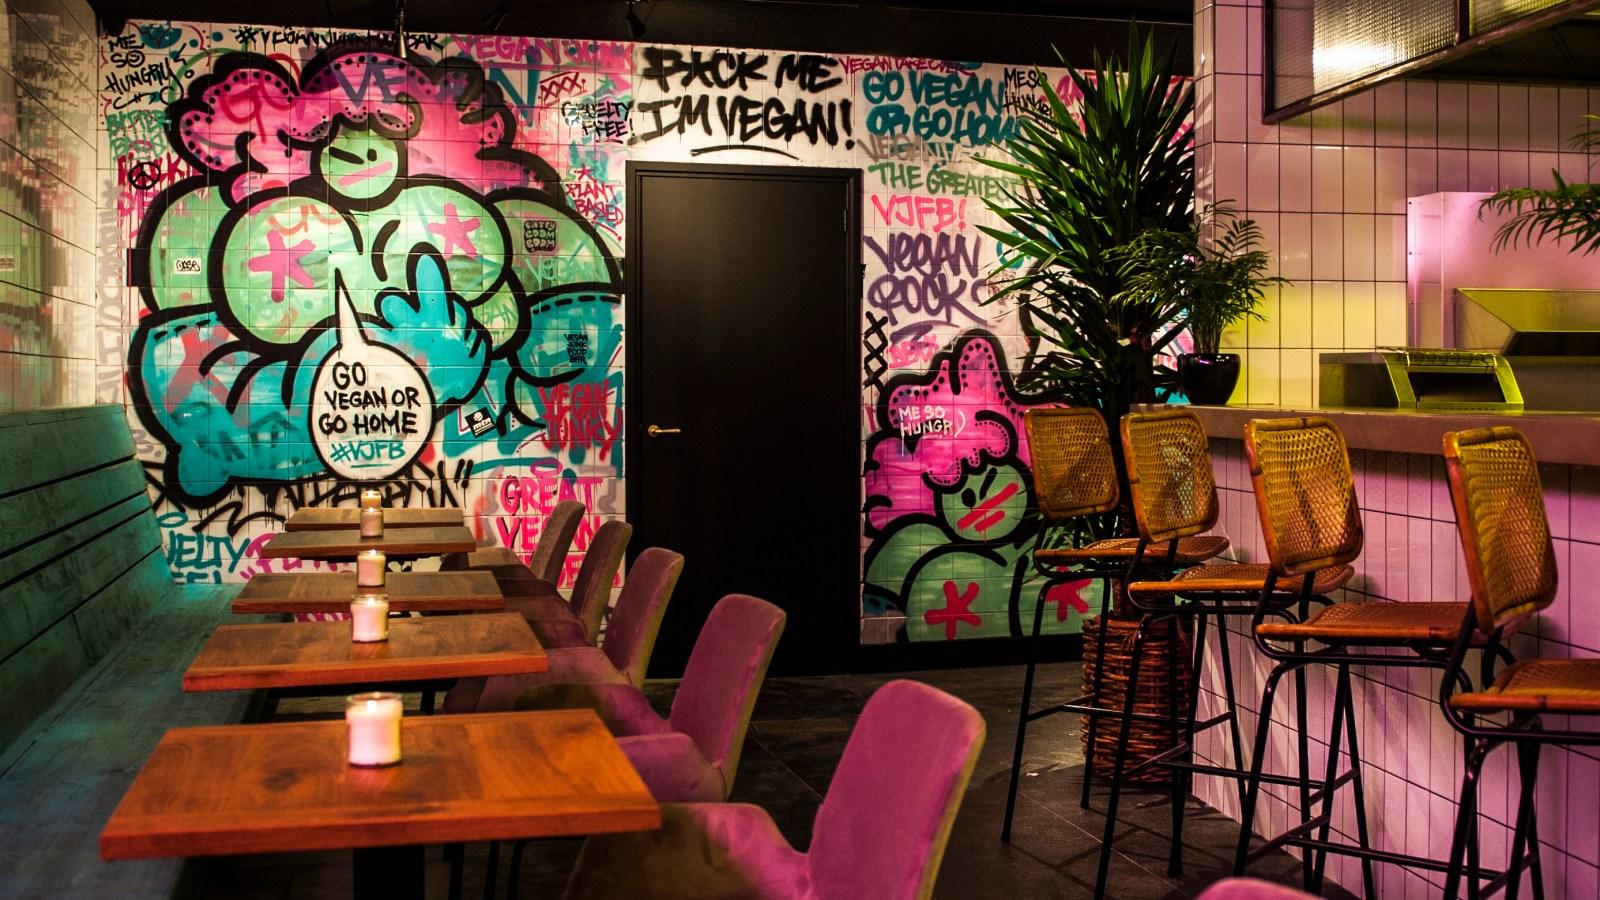 De Vegan Junk Food bar opent in De Pijp